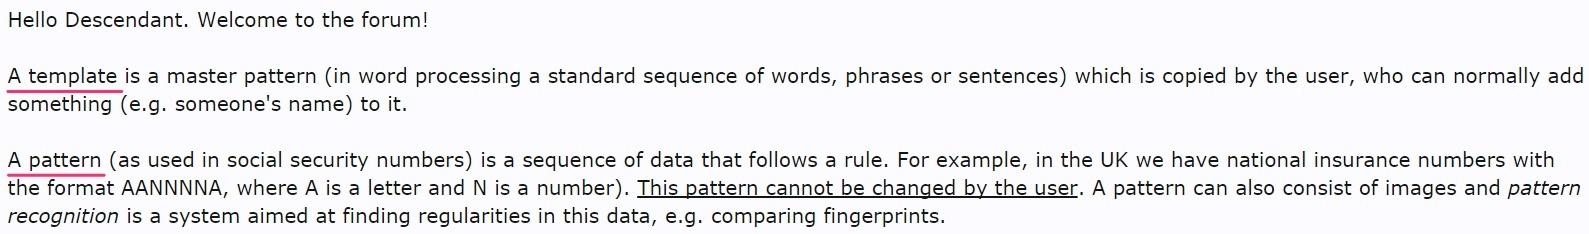 Как писать нормальные тексты на английском, не будучи носителем языка - 27